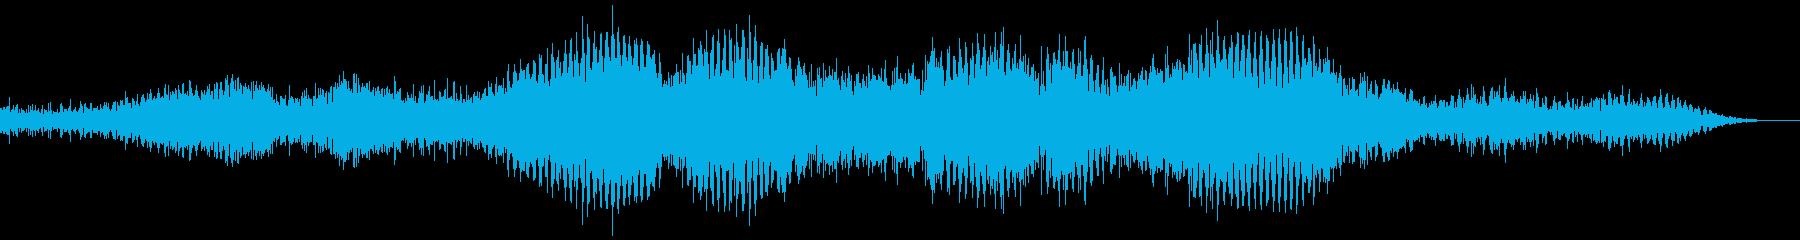 【ダーク】ホラーな世界観_ゲームの再生済みの波形